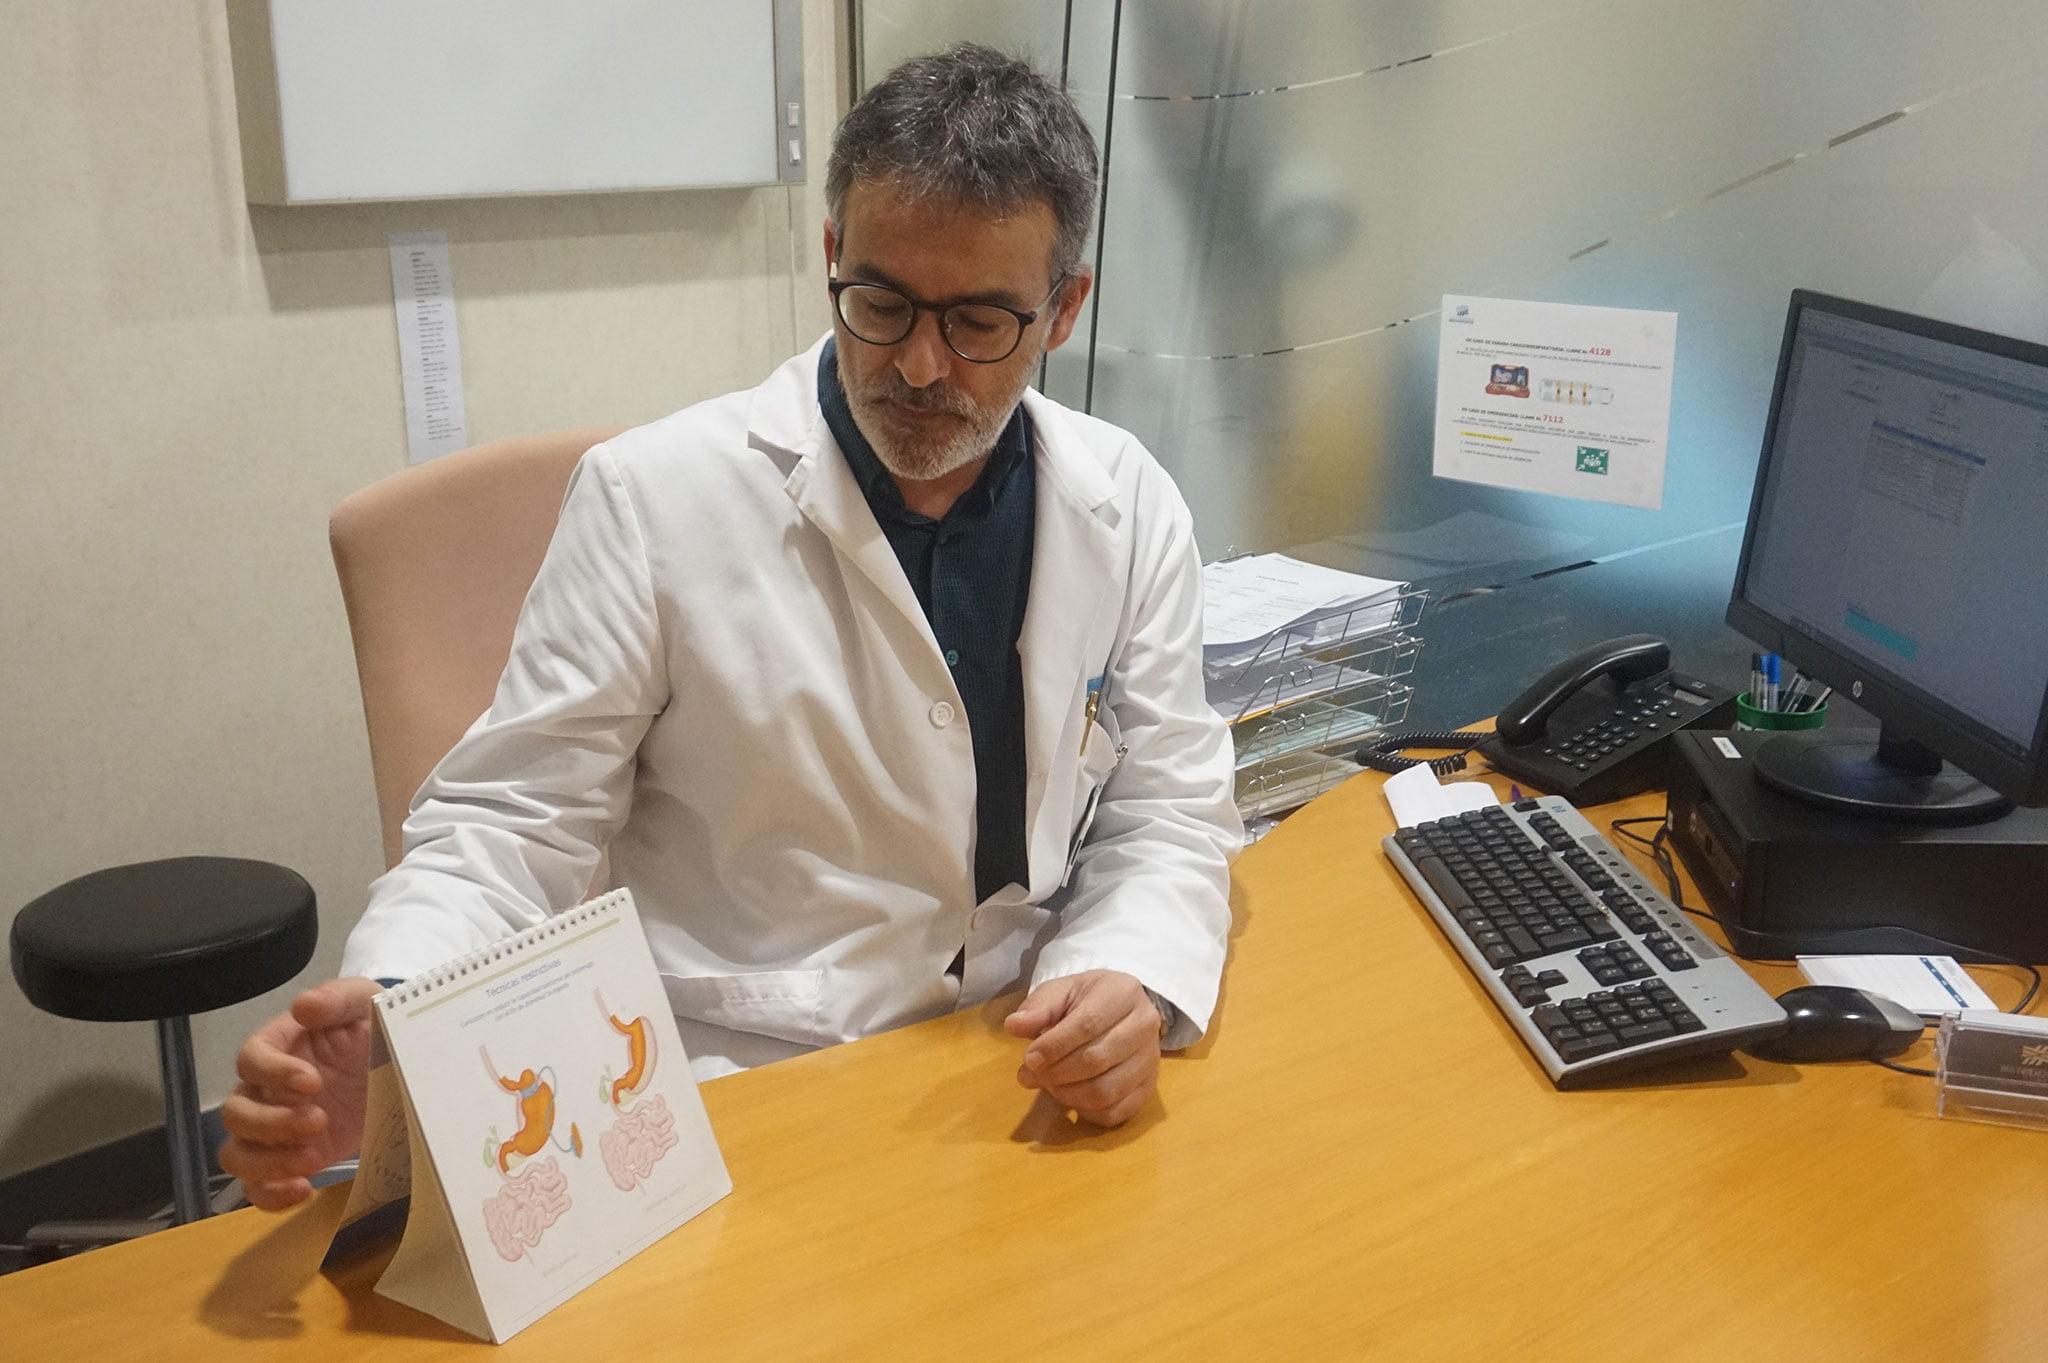 El Dr. Antonio Alberola, con amplia experiencia en Cirugía Bariátrica y Oncológica- Hospital Clínica Benidorm (HCB)